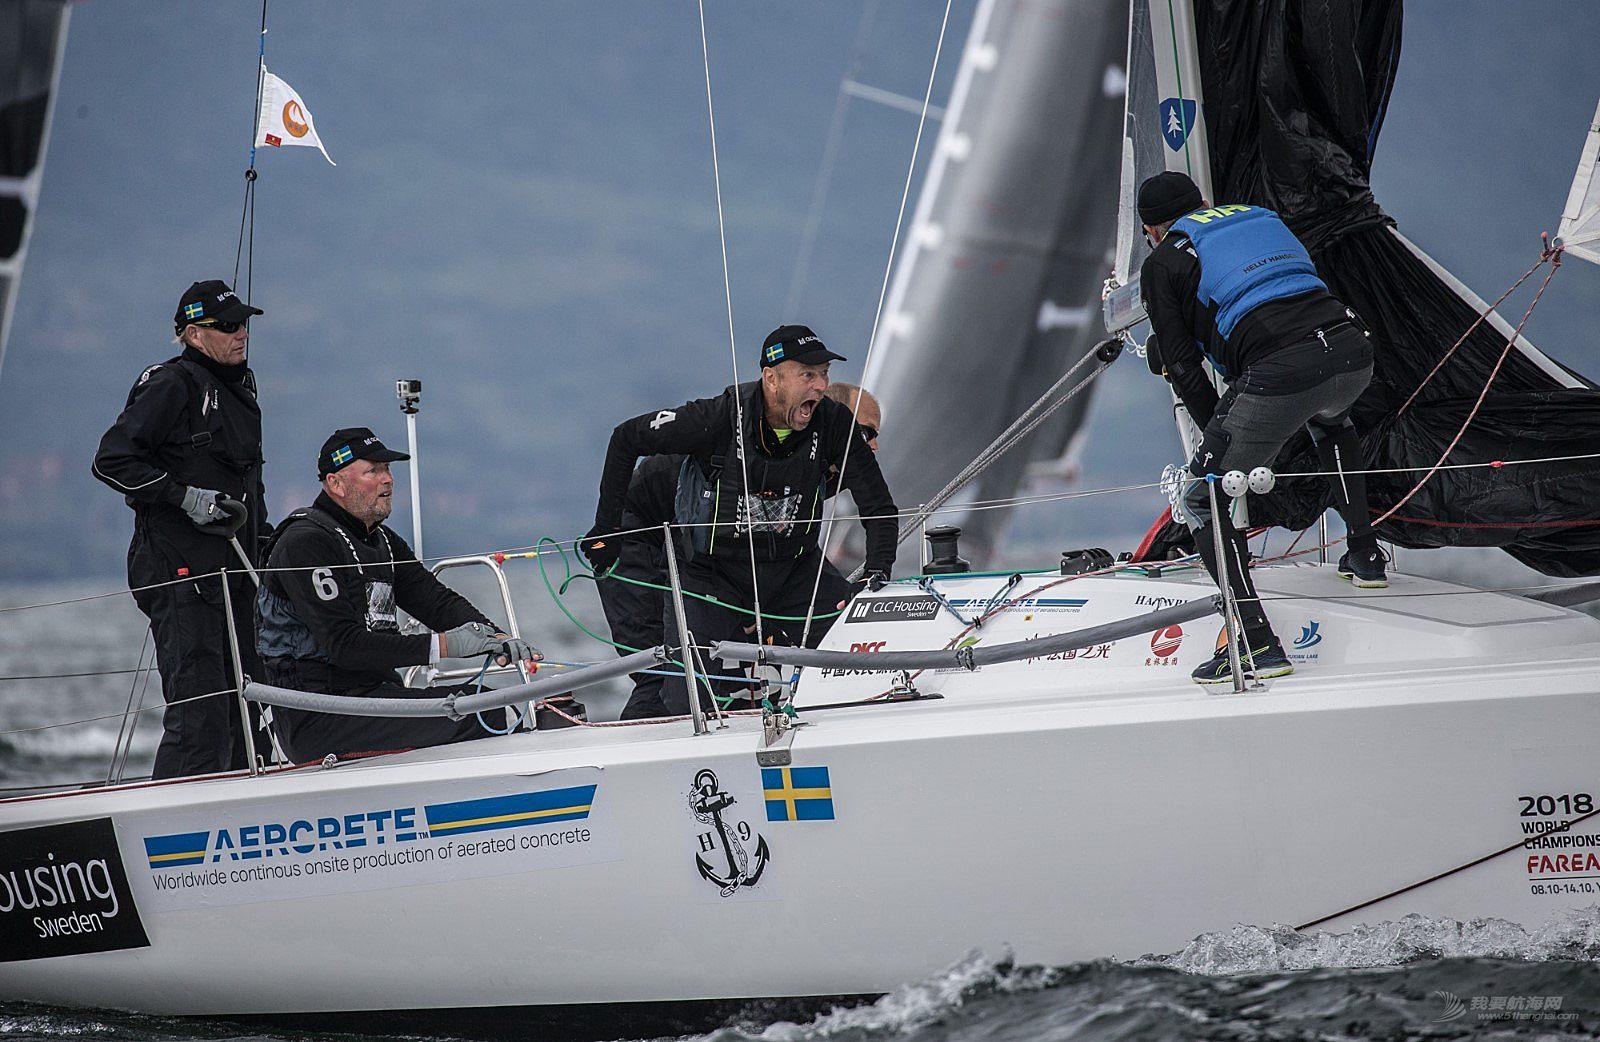 2018国际珐伊28R帆船世锦赛精彩图片贴9